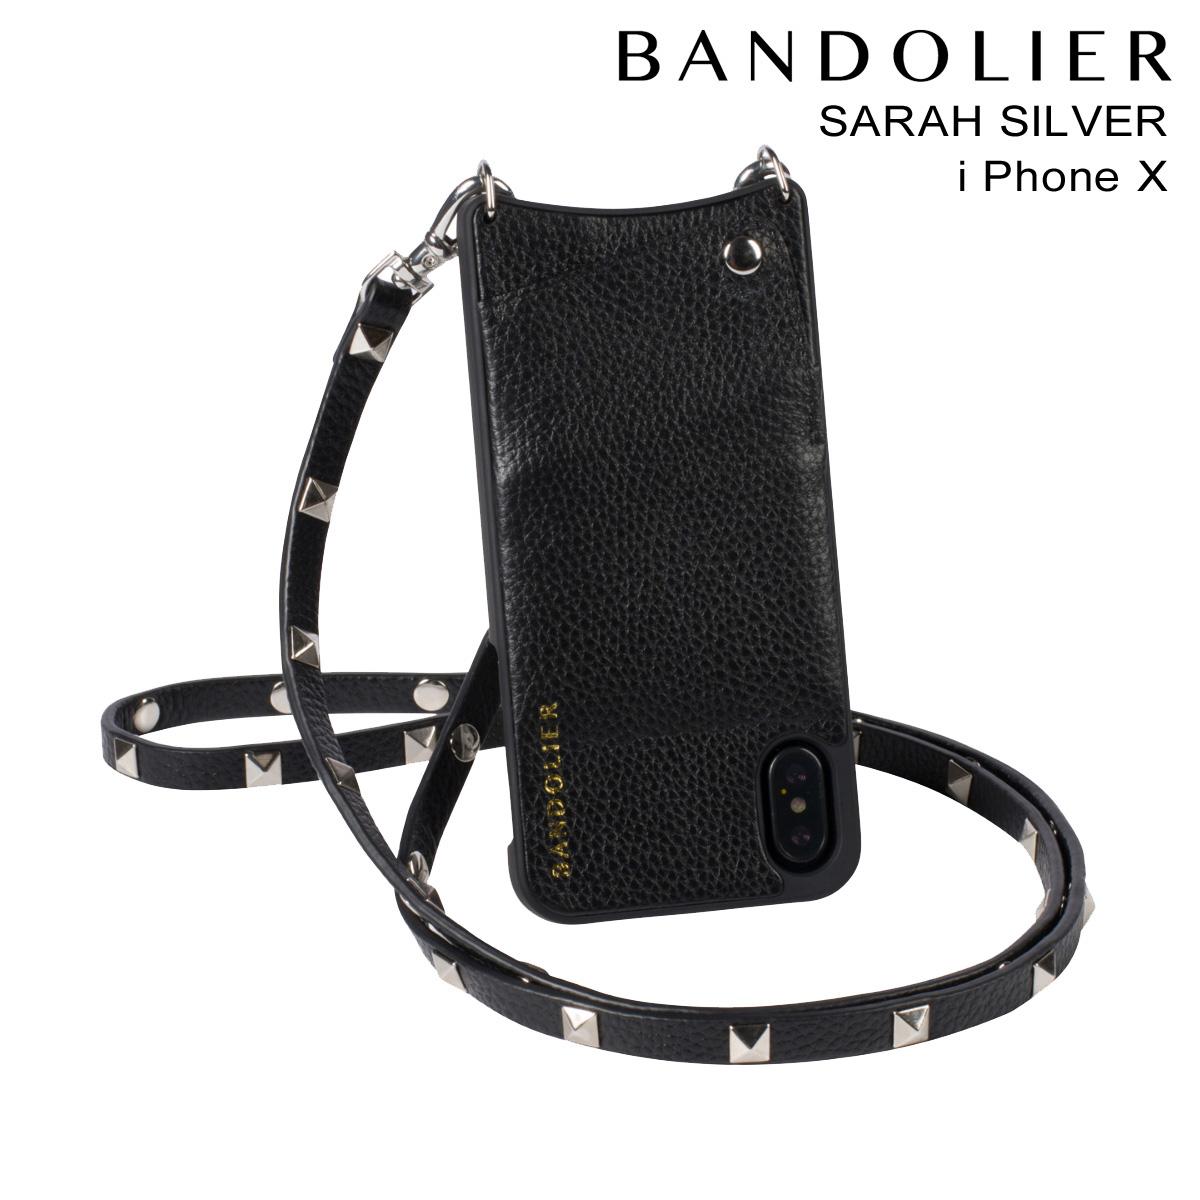 【最大2000円OFFクーポン配布】 BANDOLIER バンドリヤー iPhoneX ケース スマホ アイフォン SARAH SILVER レザー メンズ レディース [9/14 追加入荷]